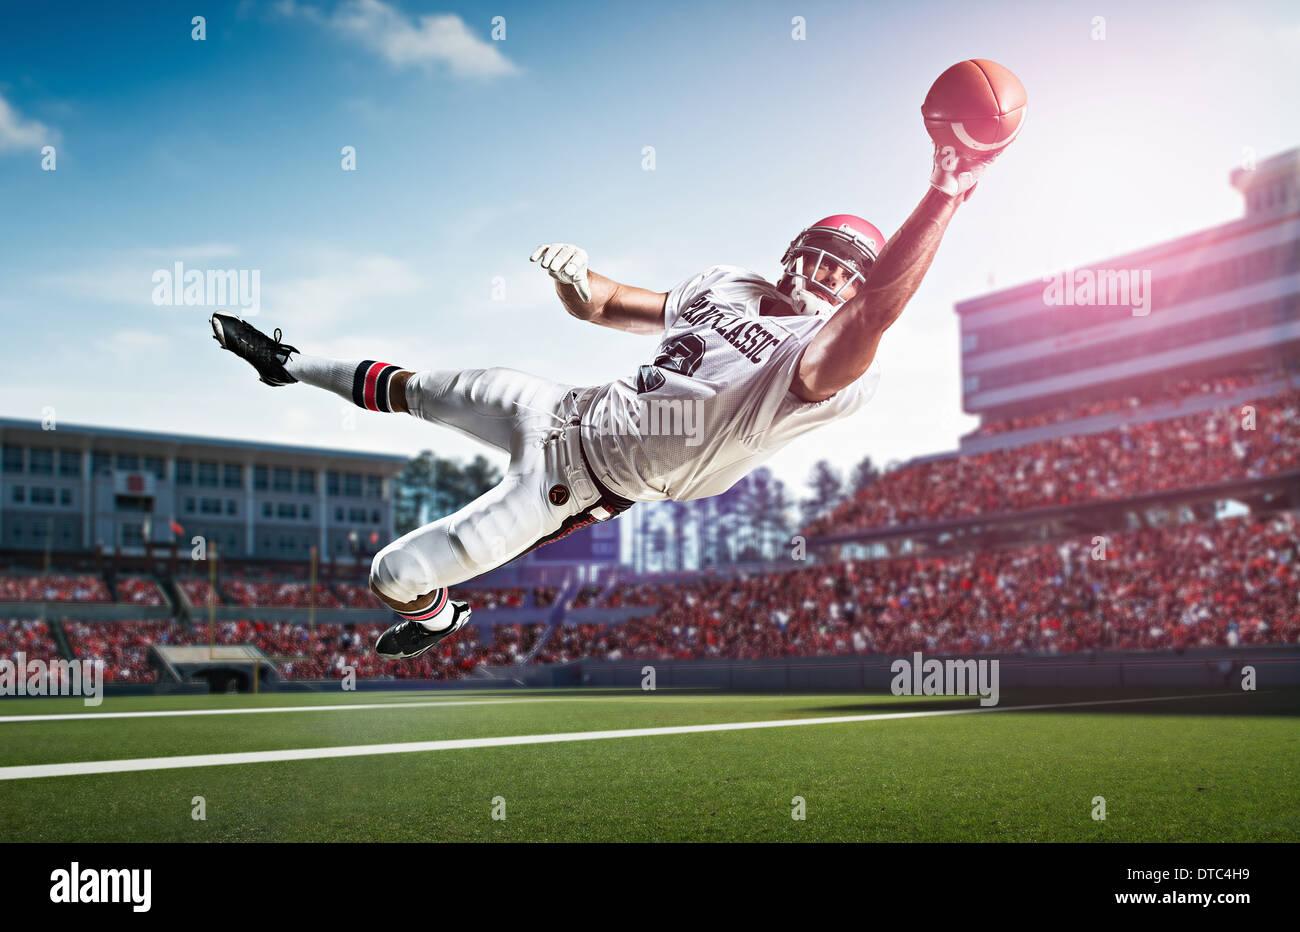 Giocatore di football americano la cattura di sfera metà aria nel Stadium Immagini Stock